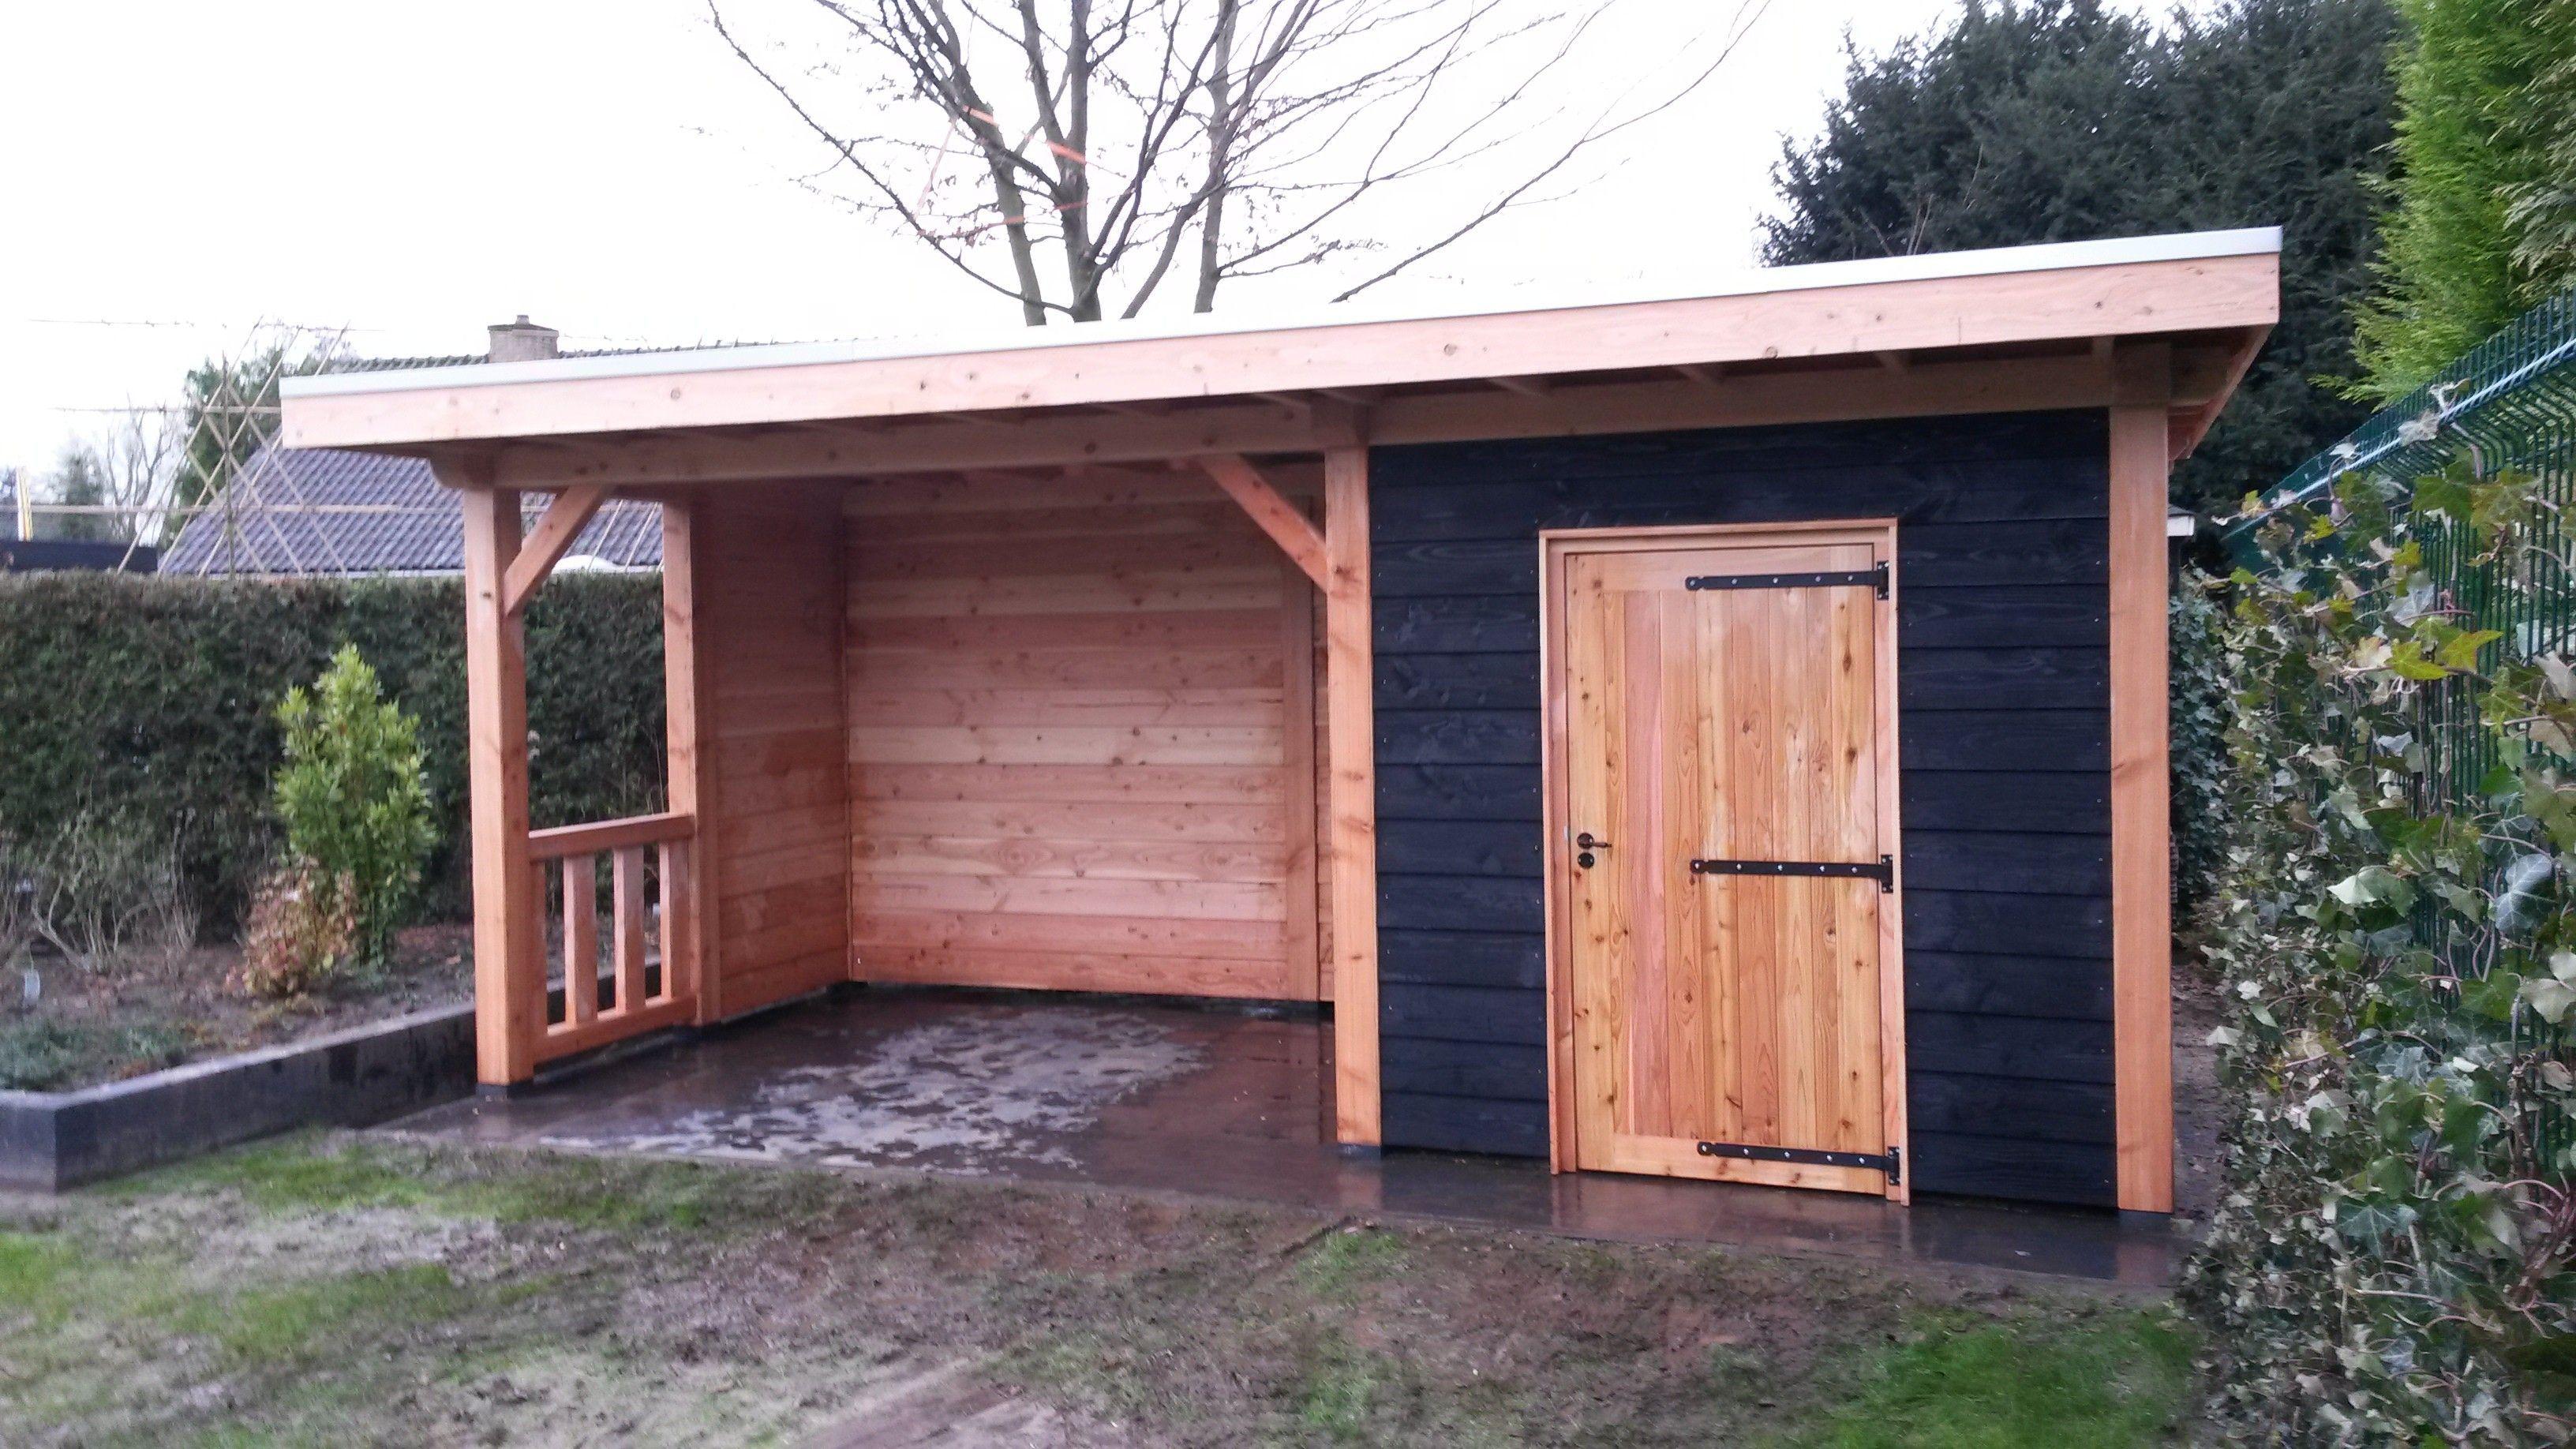 Houtbouw op maat douglas veranda met berging 500x300 for Offerte veranda